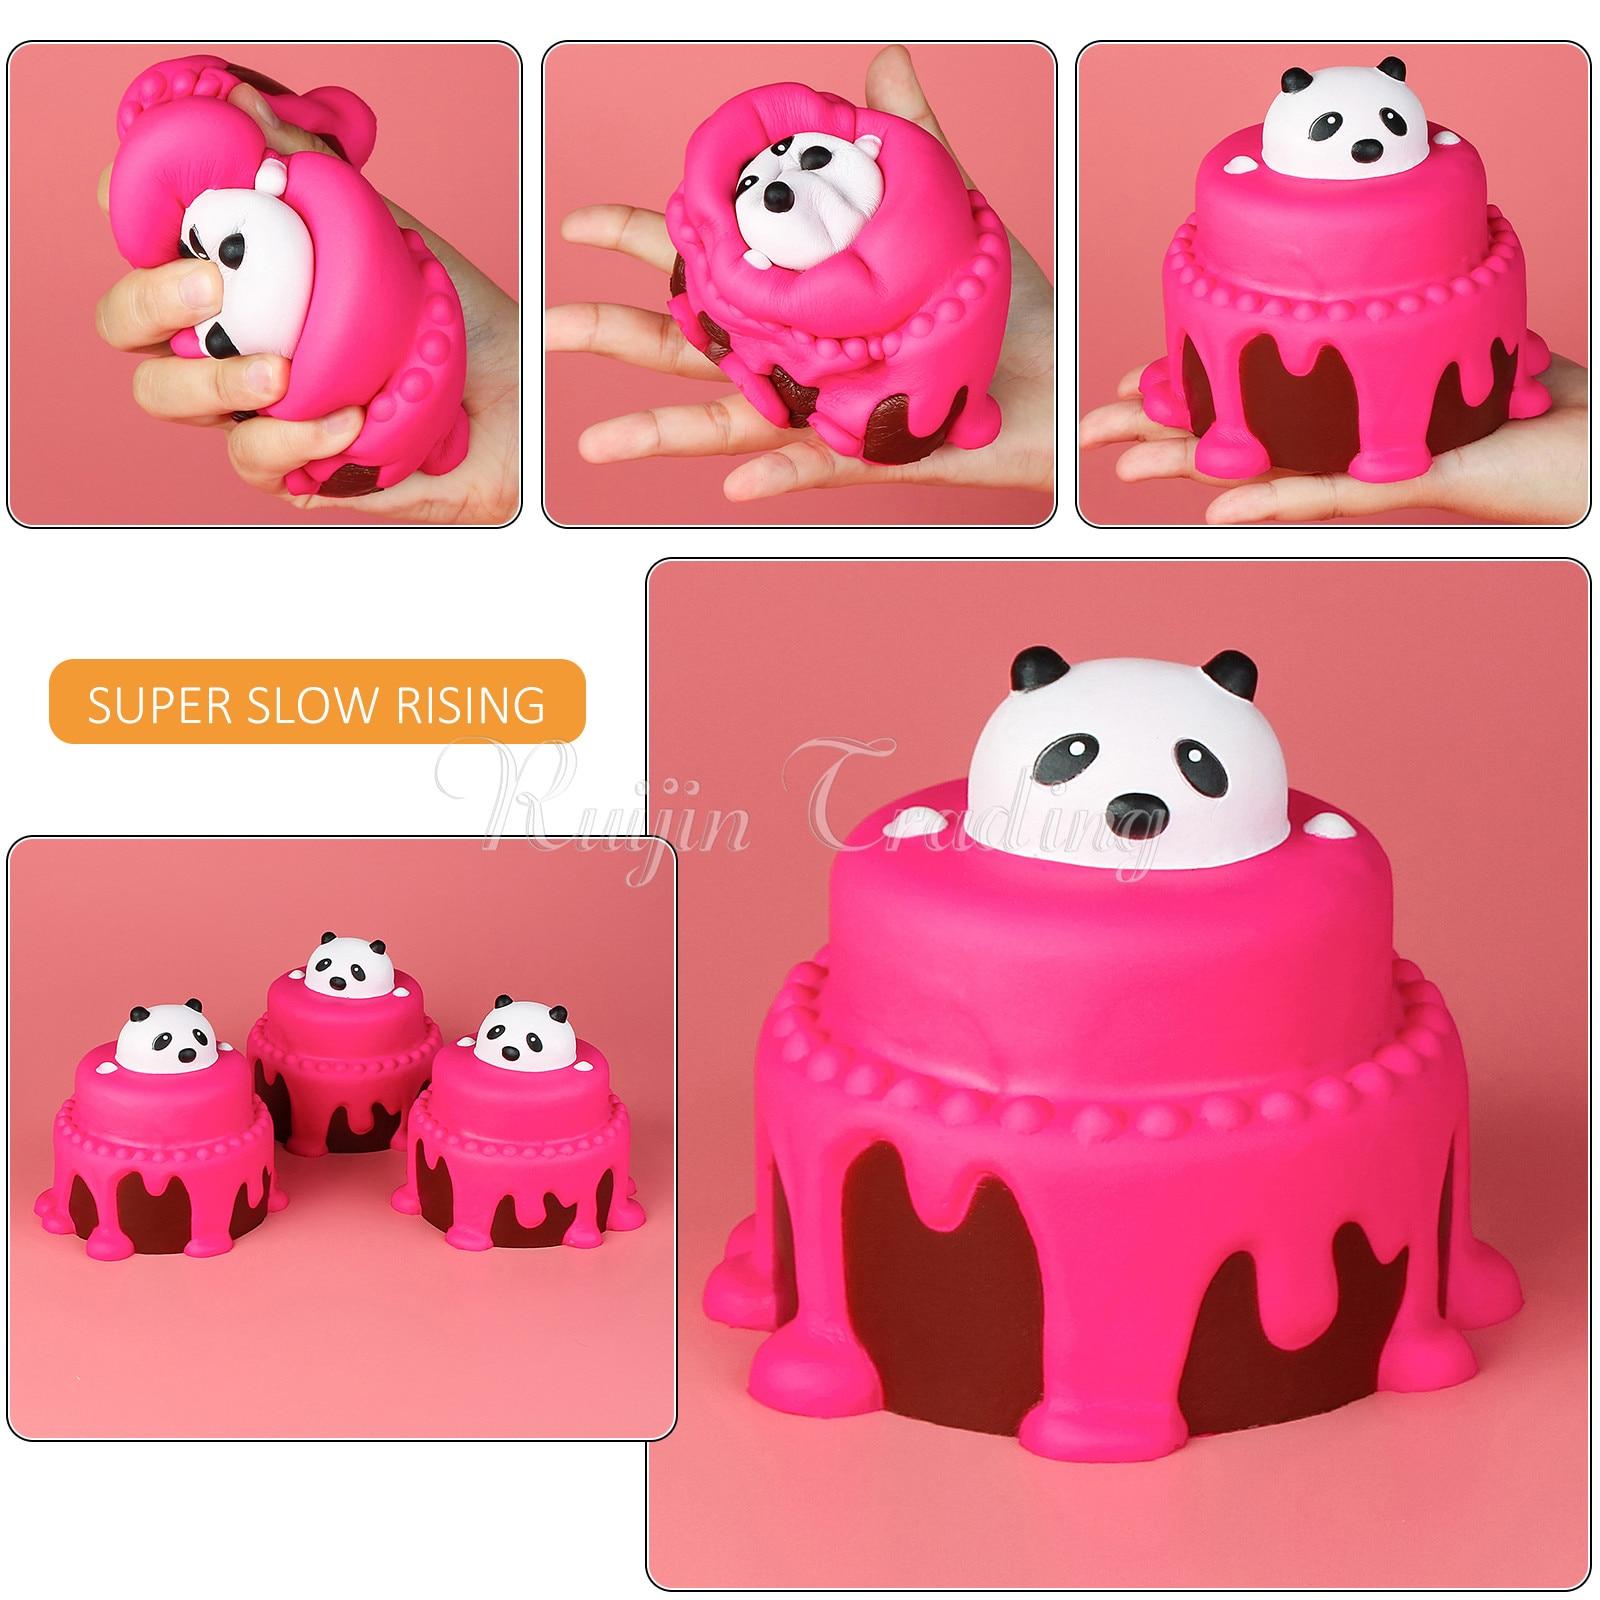 imágenes para Lento Aumento Blandita Jumbo Panda Pastel Lindo Teléfono Correas Reatil embalaje Crema Perfumada Cumpleaños Torta Kid Toy Squeeze Suave Diversión regalo